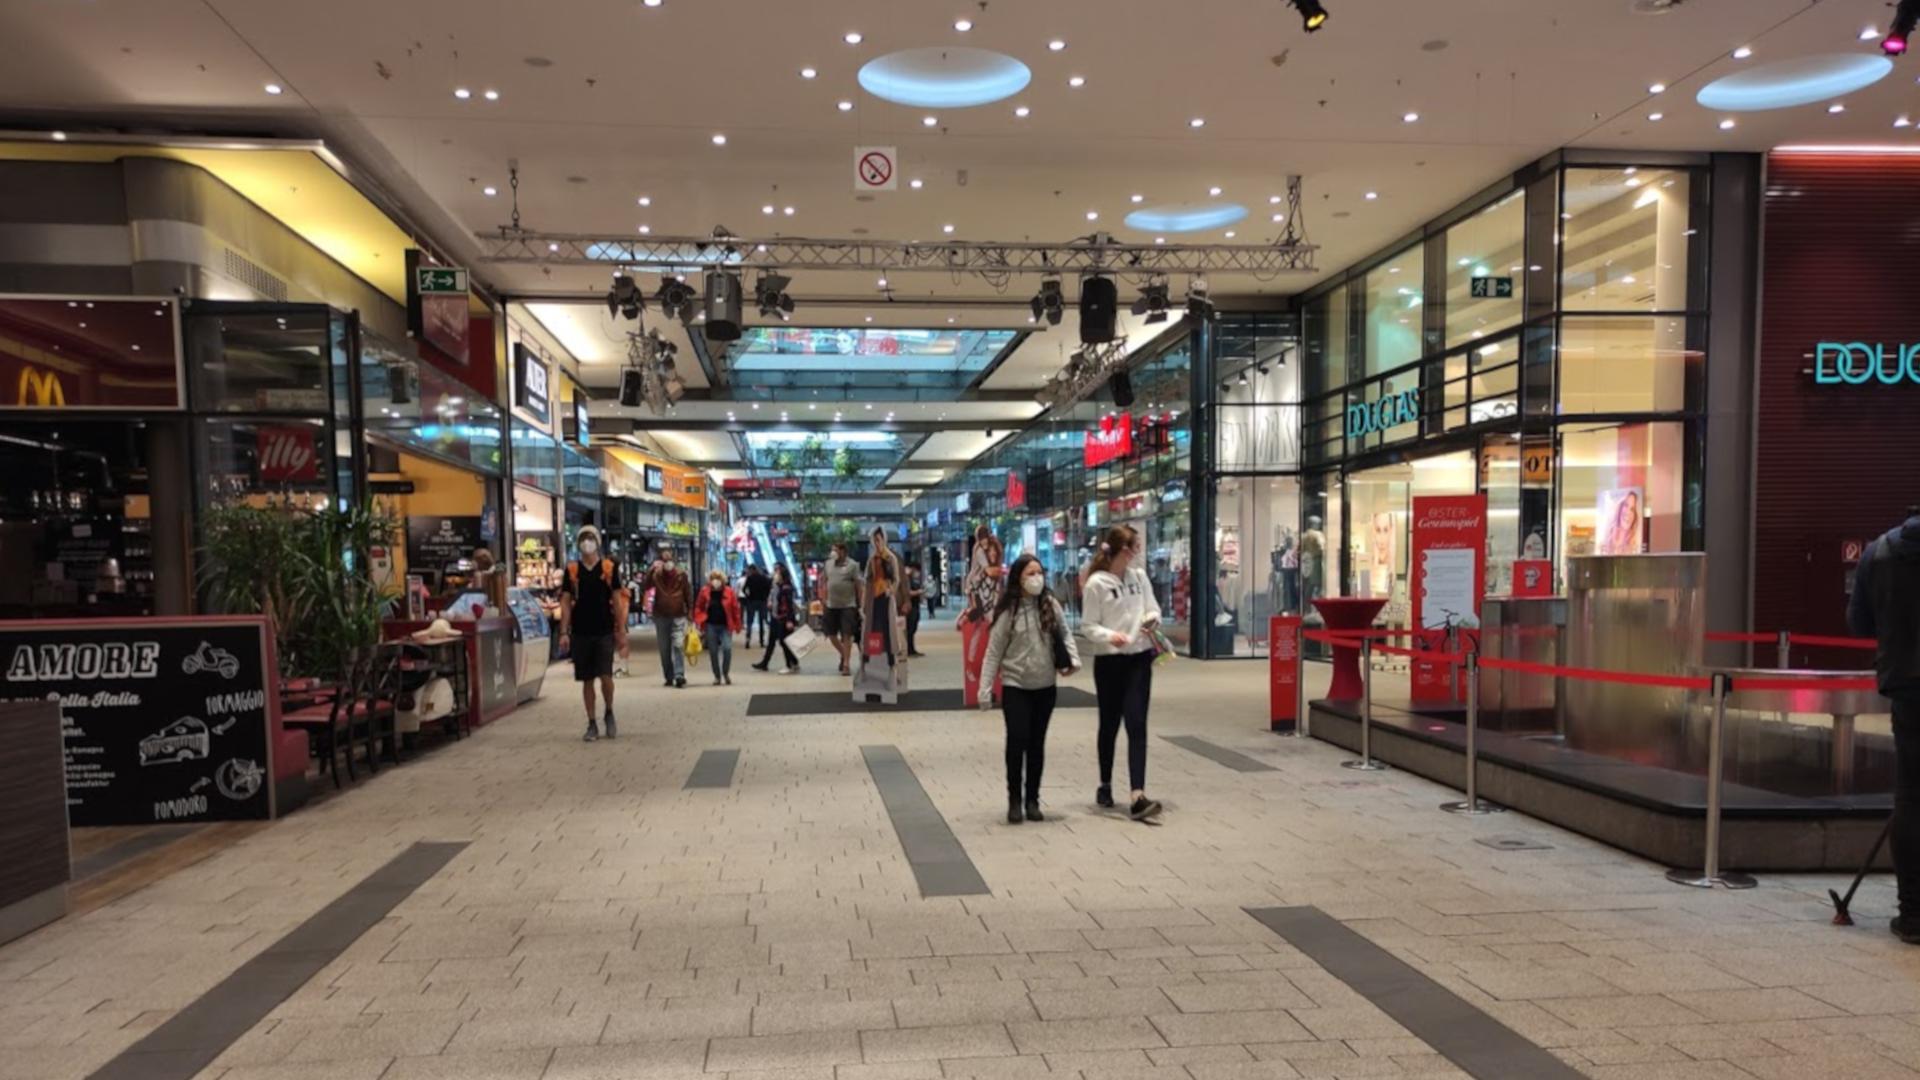 Ostern-Graz-Murpark-Pandemie-FFP2-Maske-Einkaufen